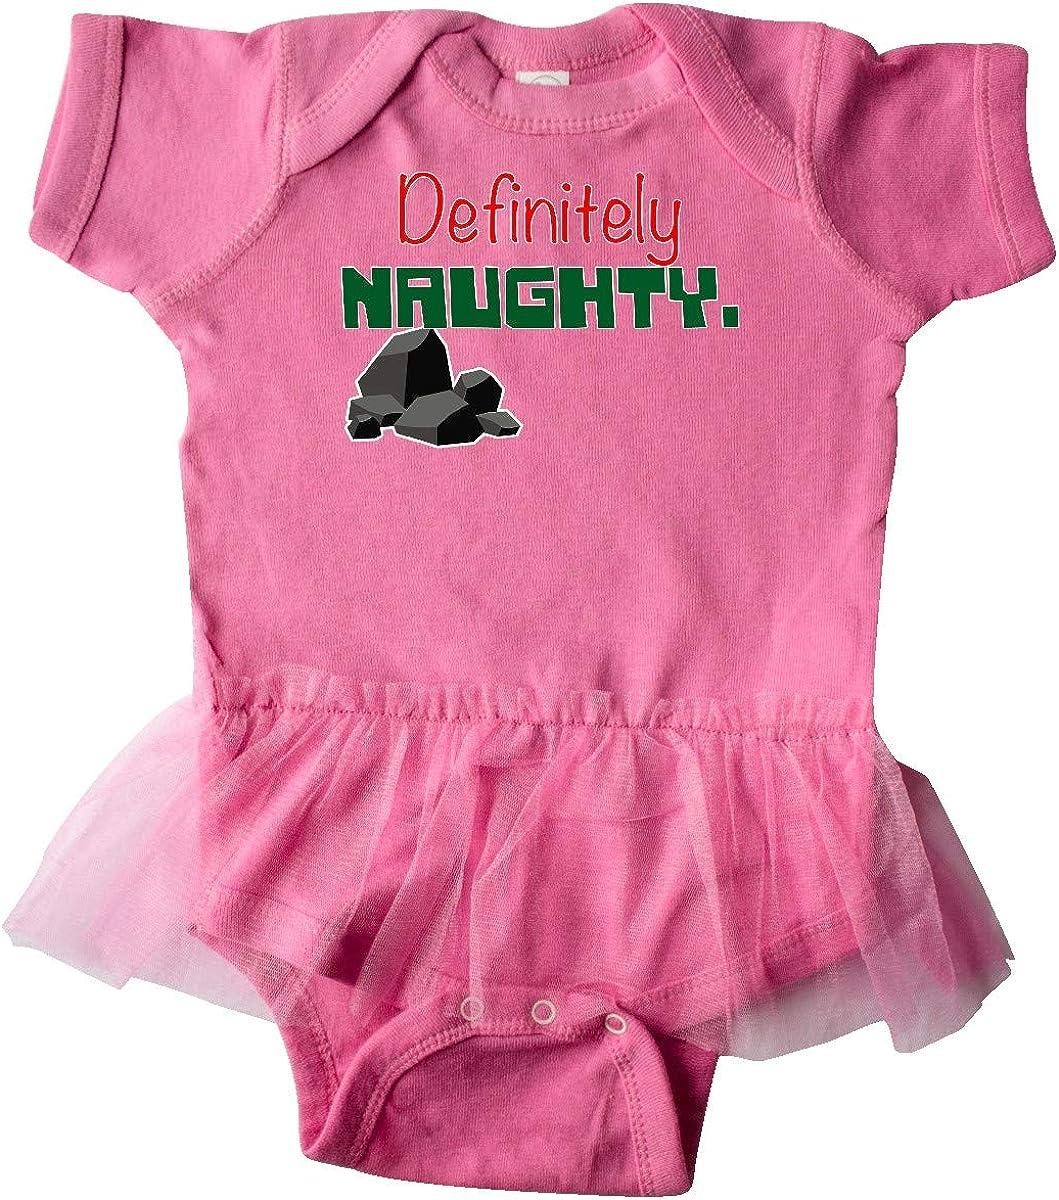 inktastic Definitely Naughty Graphic Infant Tutu Bodysuit